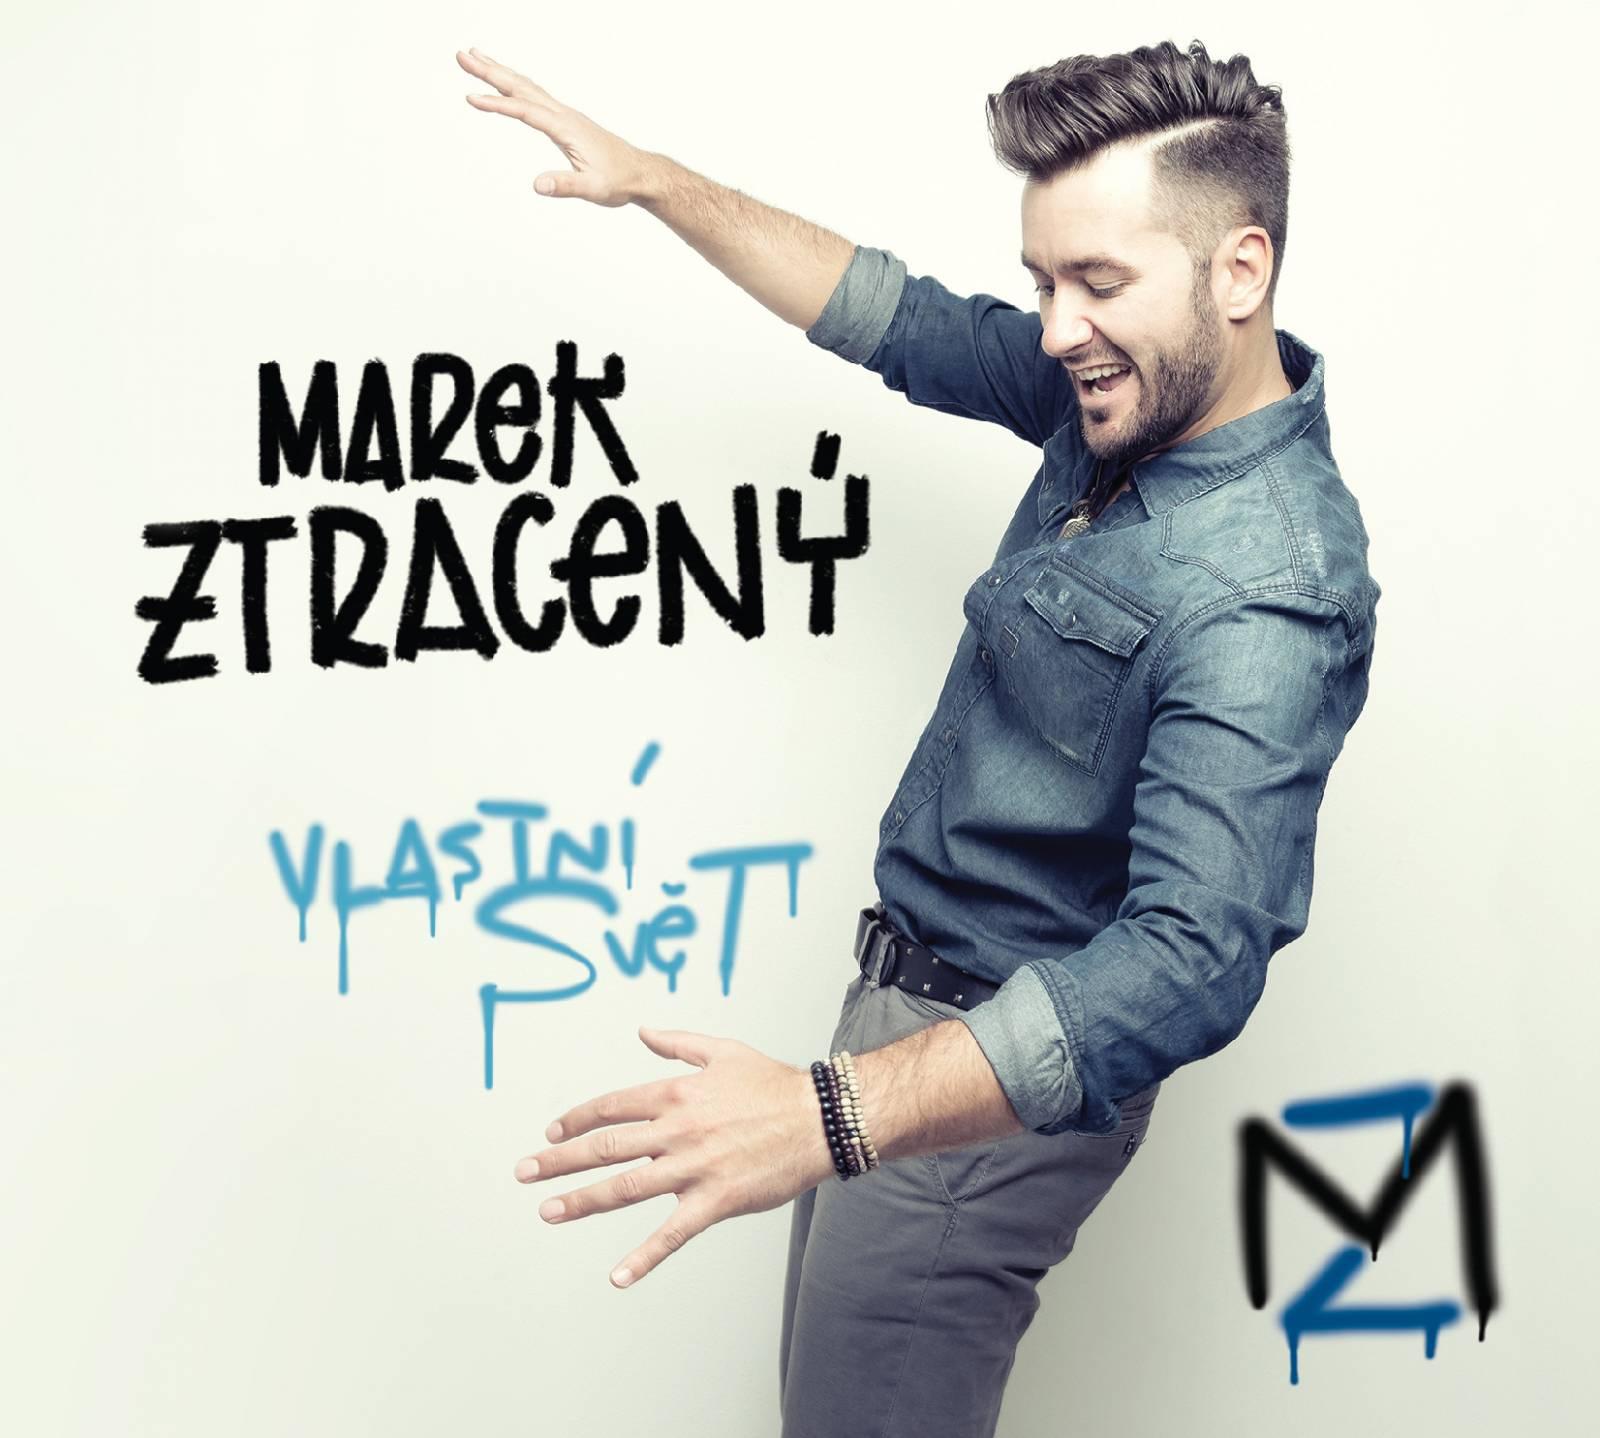 RECENZE: Marek Ztracený stoupá se svým novým albem Vlastní svět vzhůru